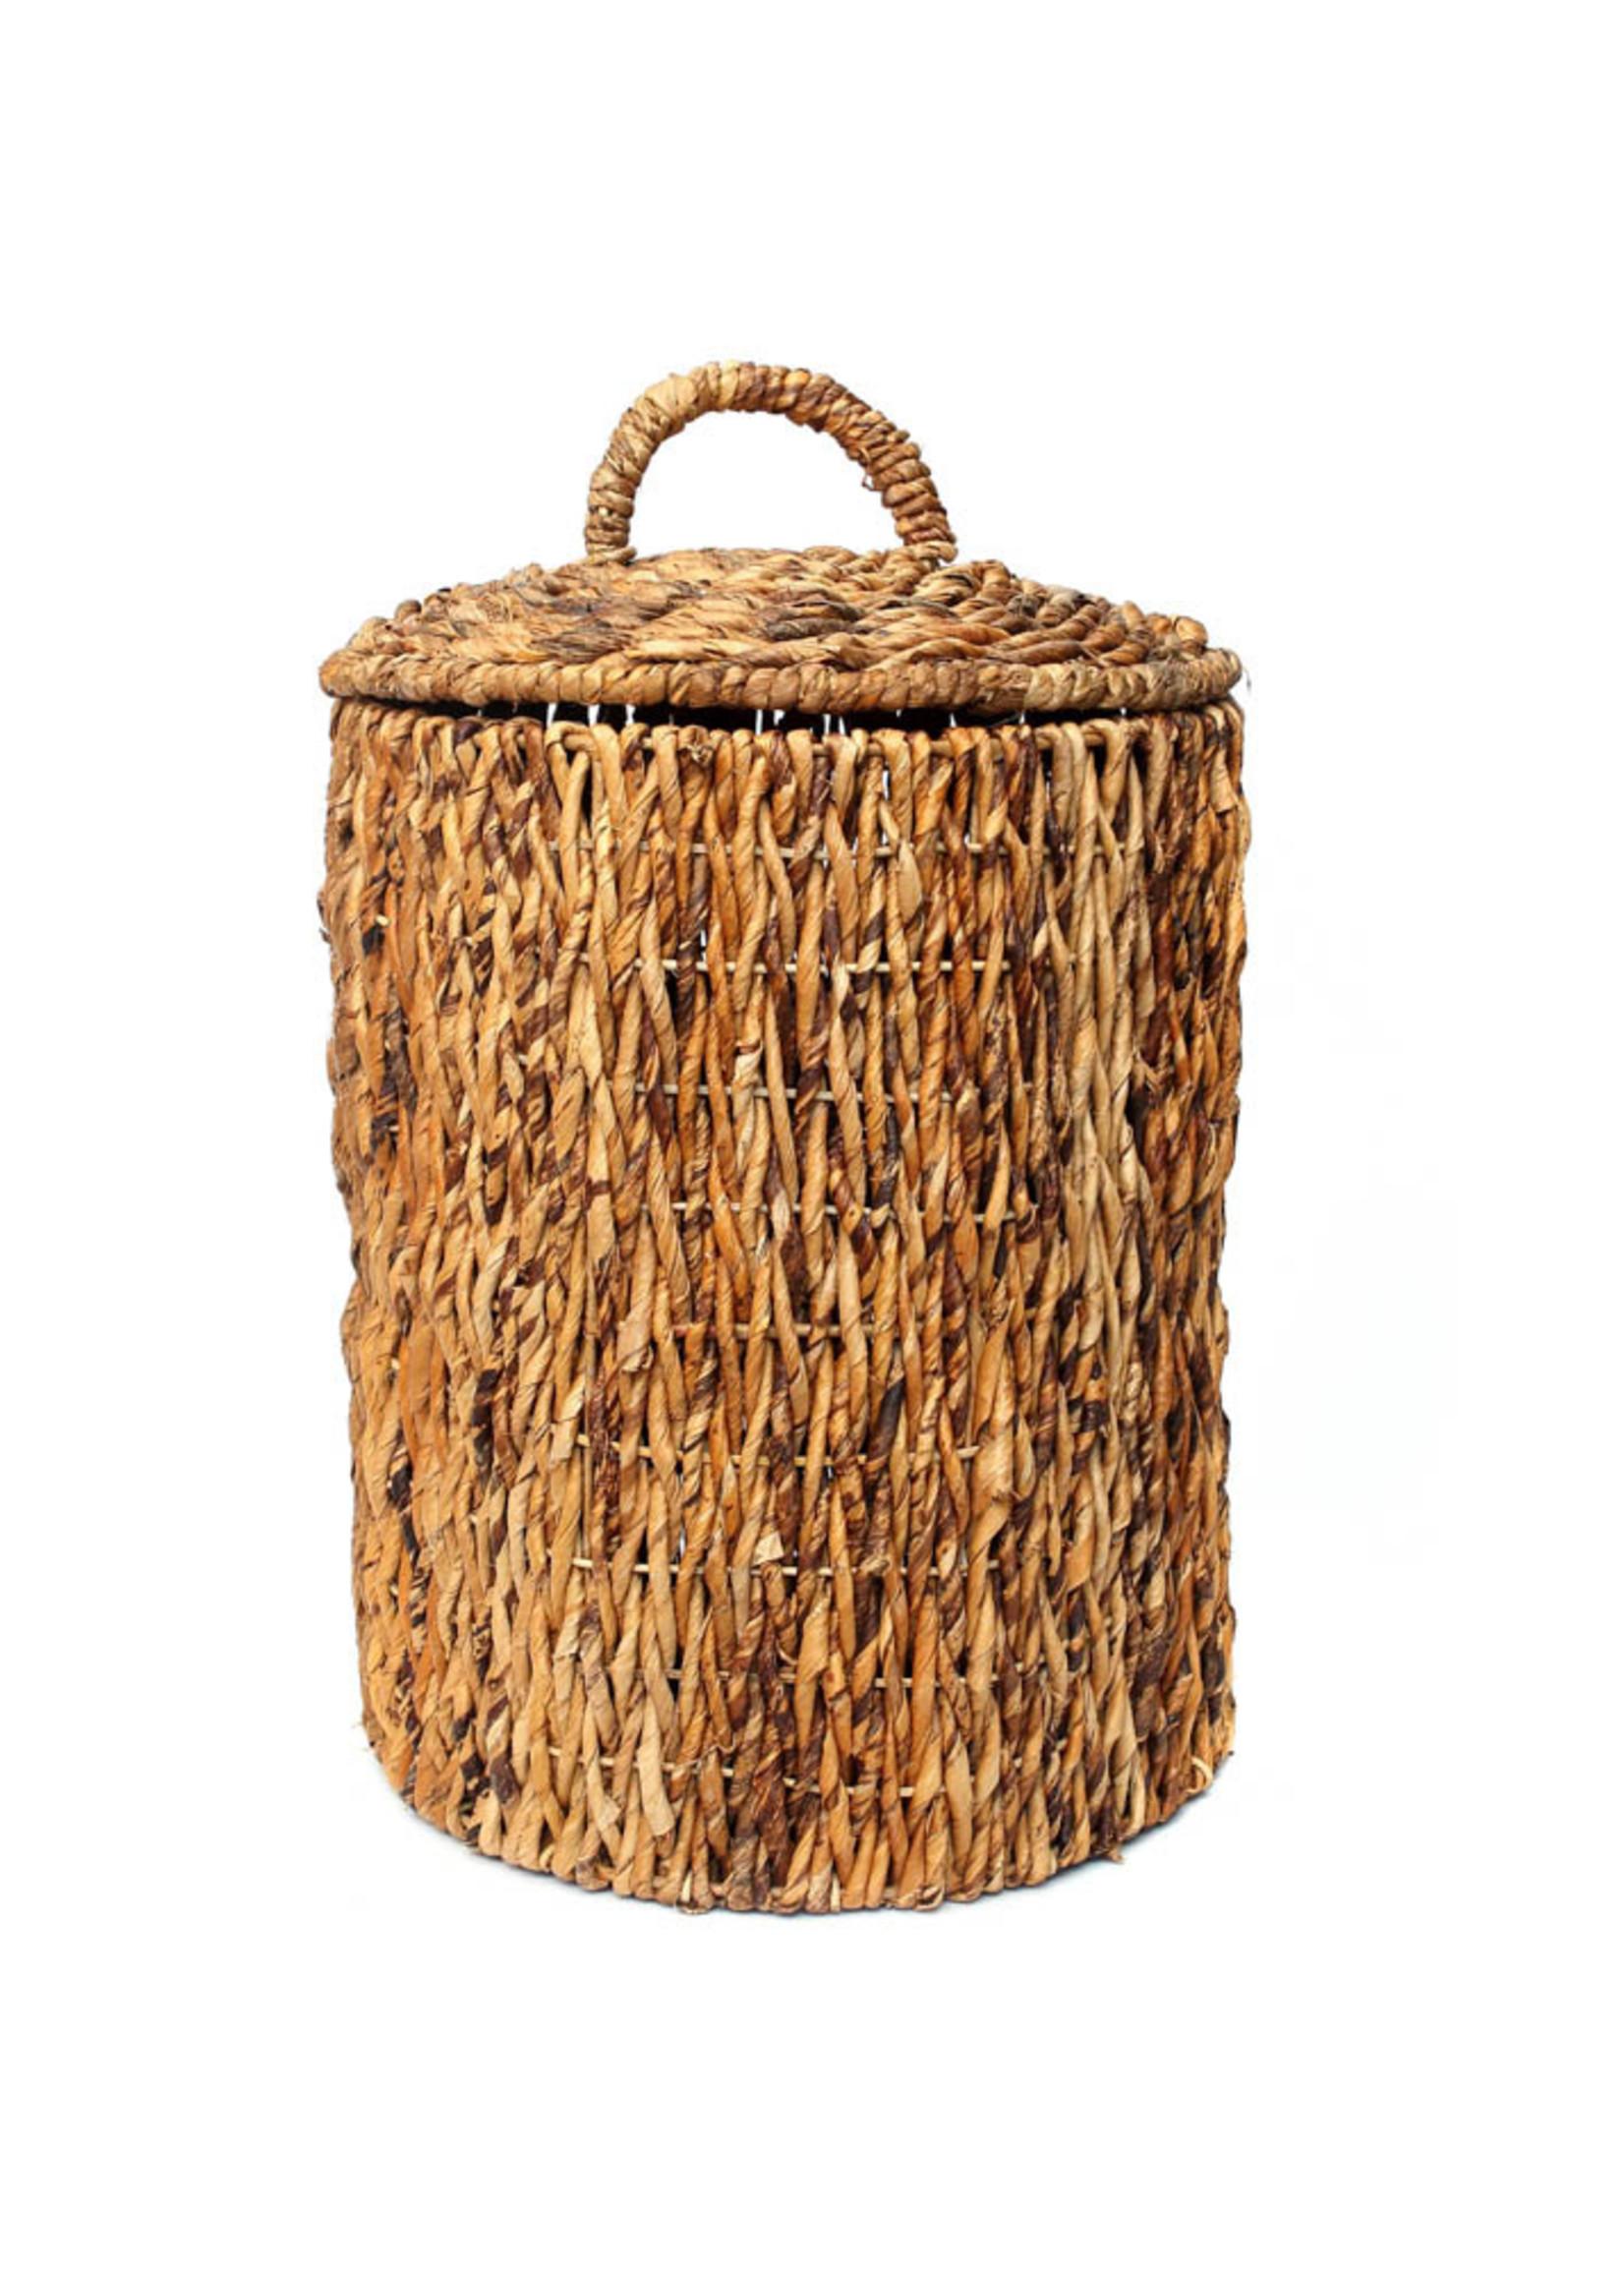 The Banana Laundry Baskets - Natural - Medium